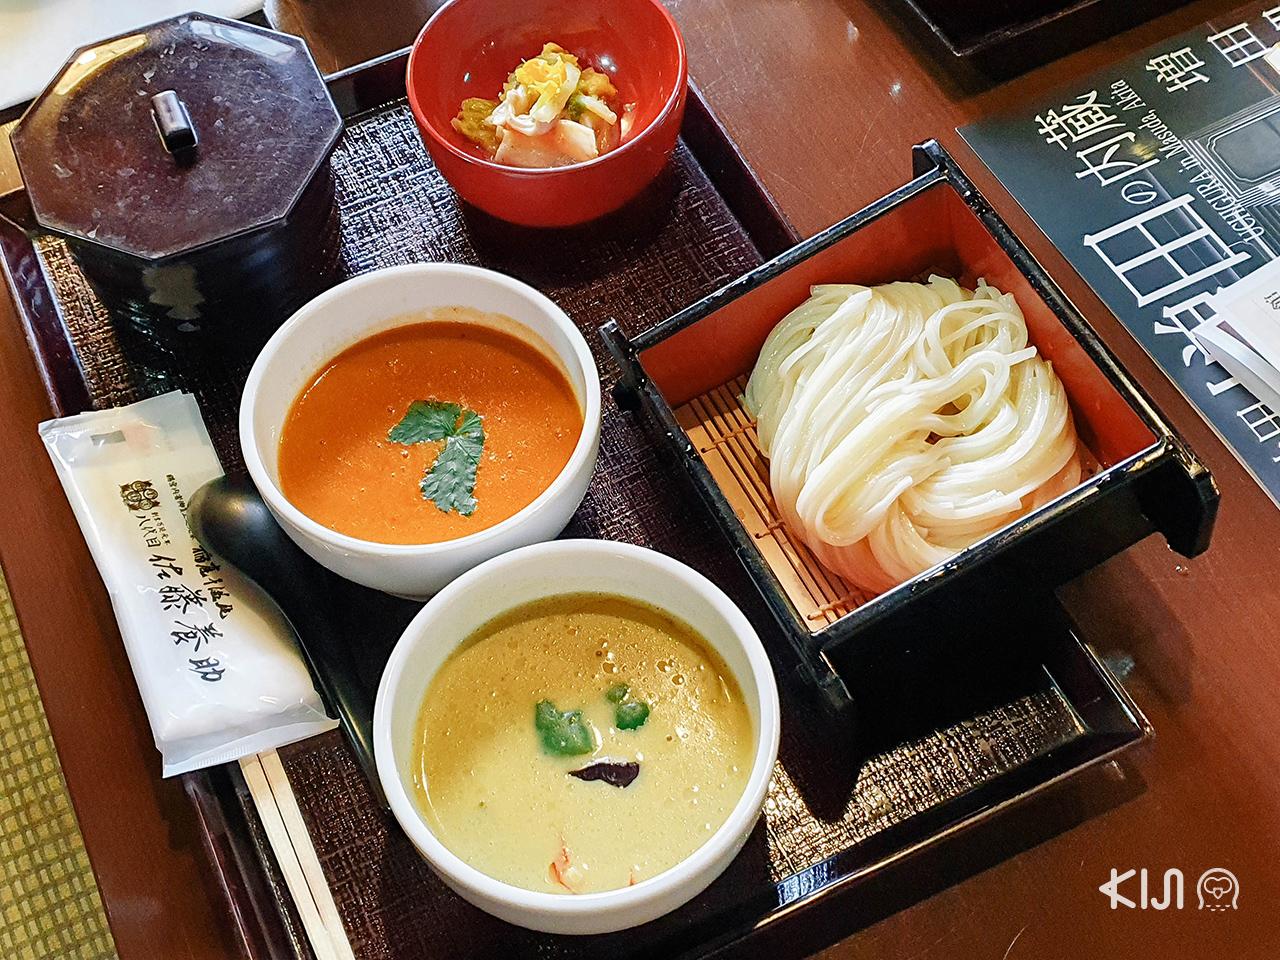 แวะทานอุด้งที่ Sato Yosuke Shoten